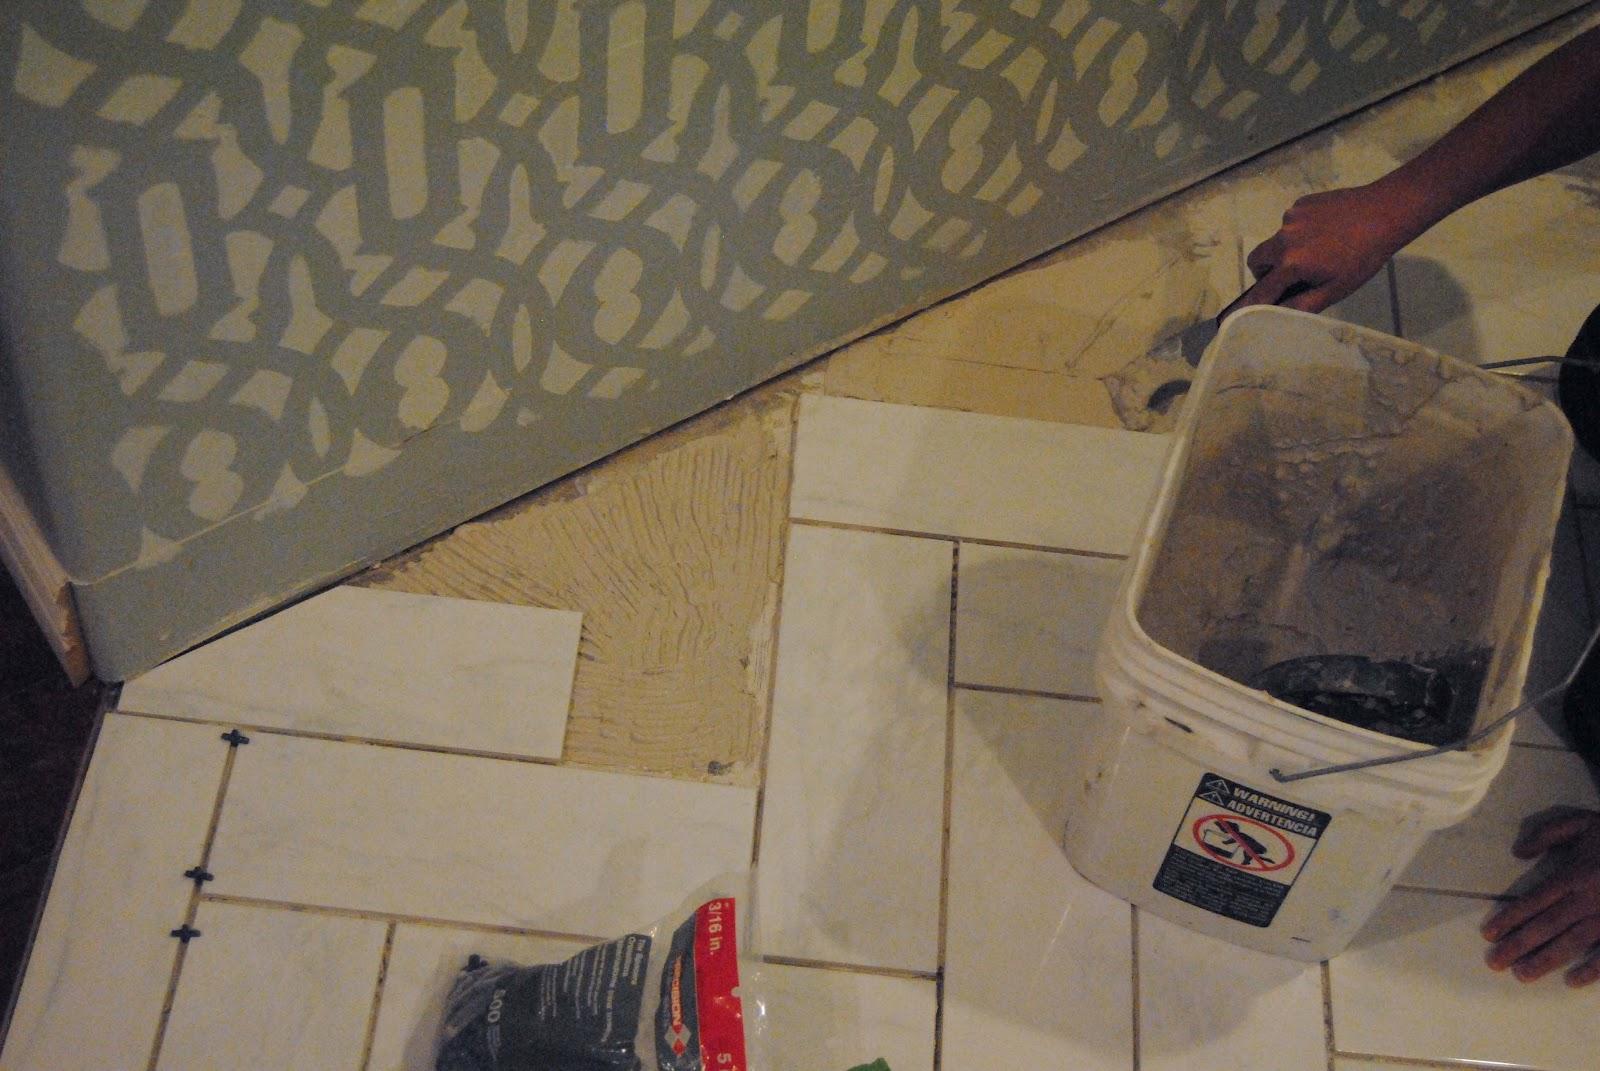 Visual eye candy how to tile a herringbone floor part i - How To Tile A Herringbone Floor Part I